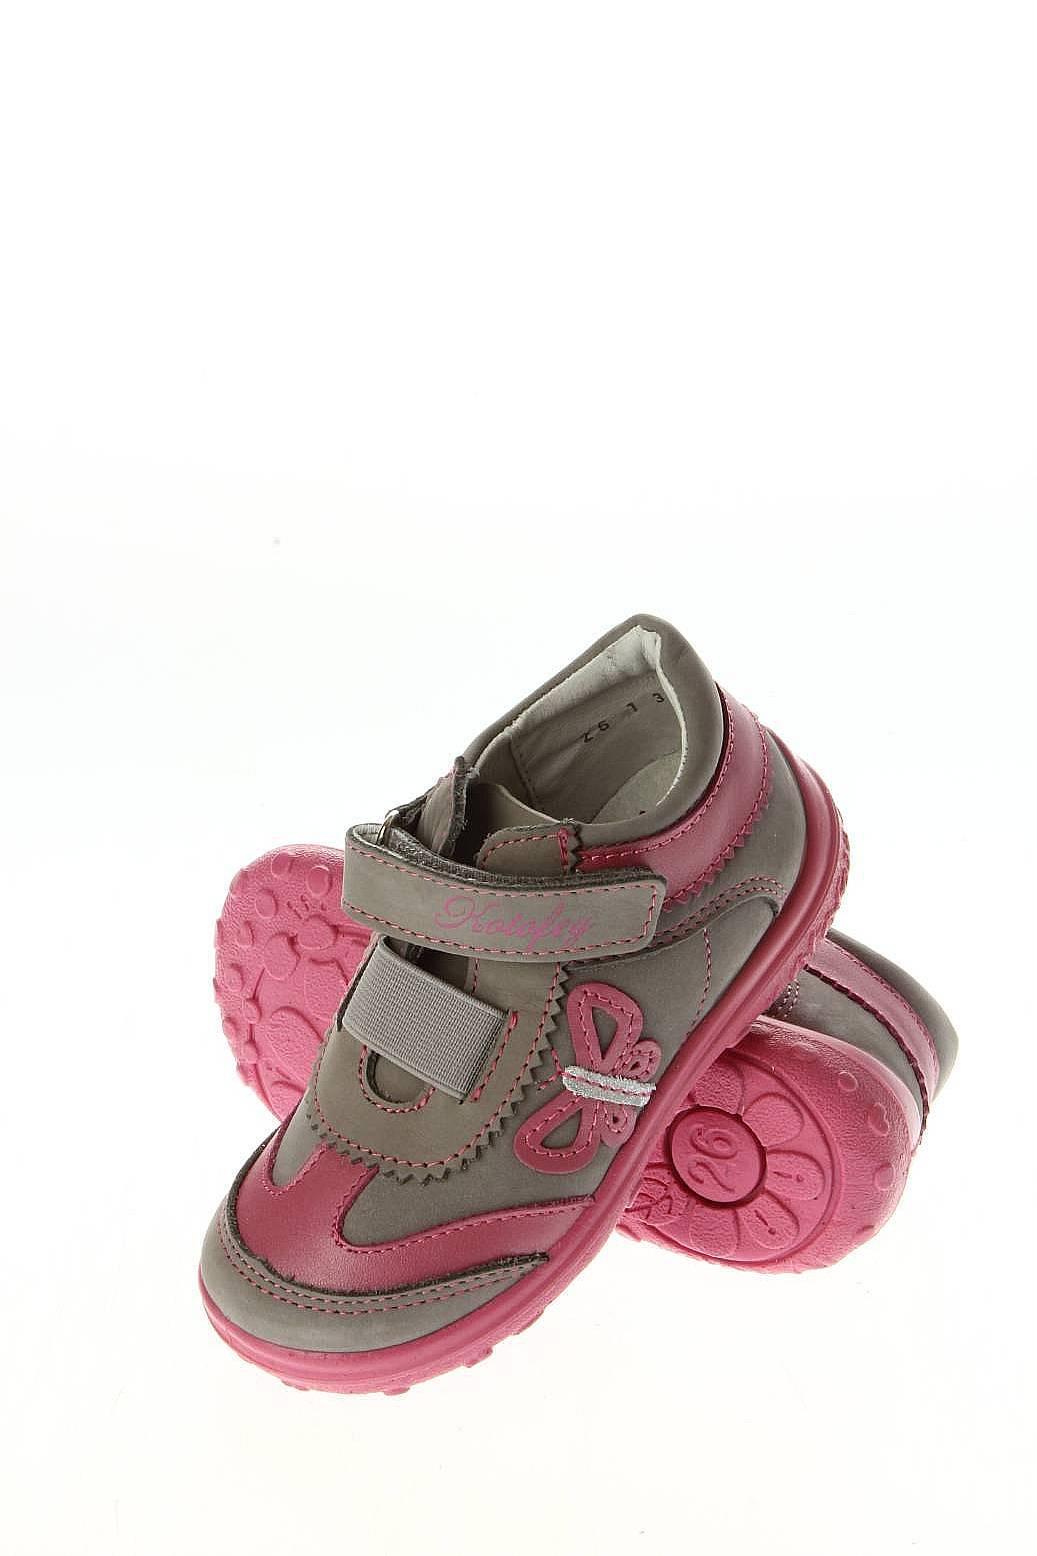 Мужская Обувь Детская Обувь Ботинки: Котофей Обувь